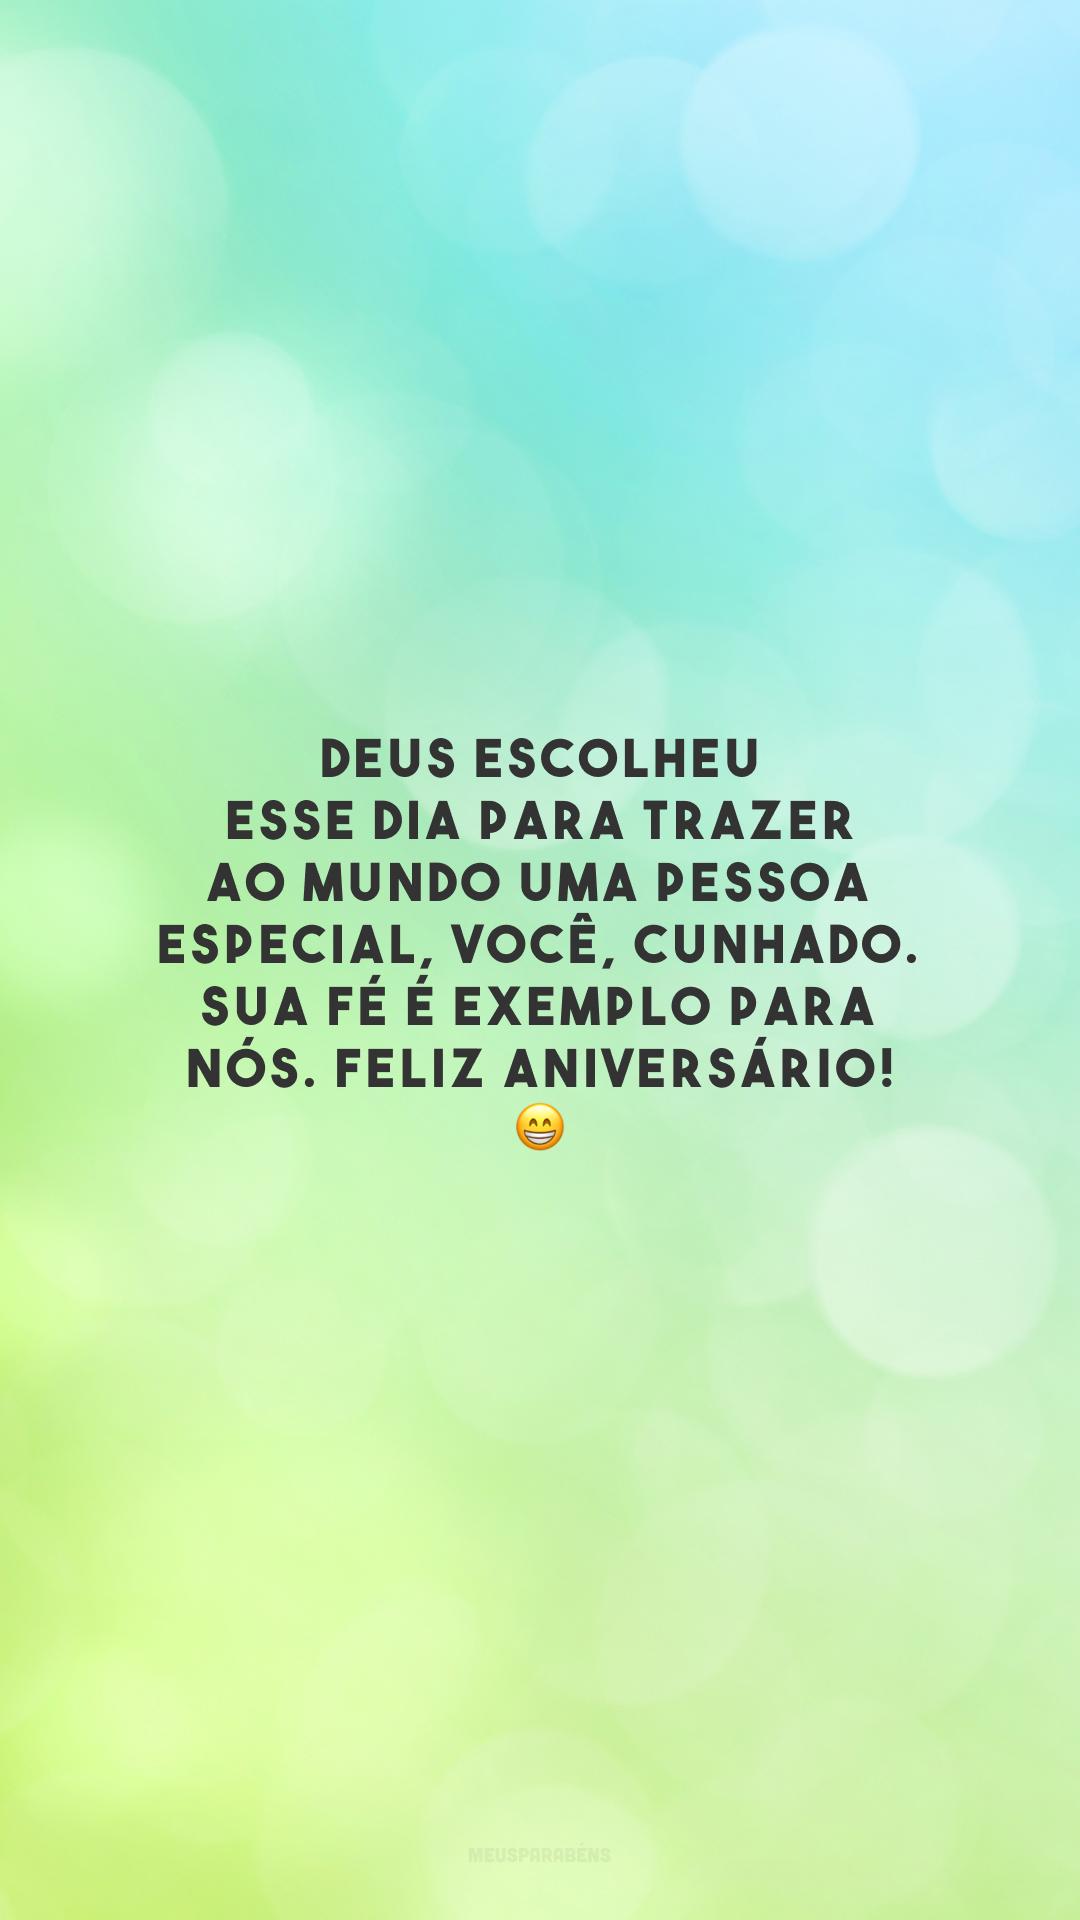 Deus escolheu esse dia para trazer ao mundo uma pessoa especial, você, cunhado. Sua fé é exemplo para nós. Feliz aniversário! 😁